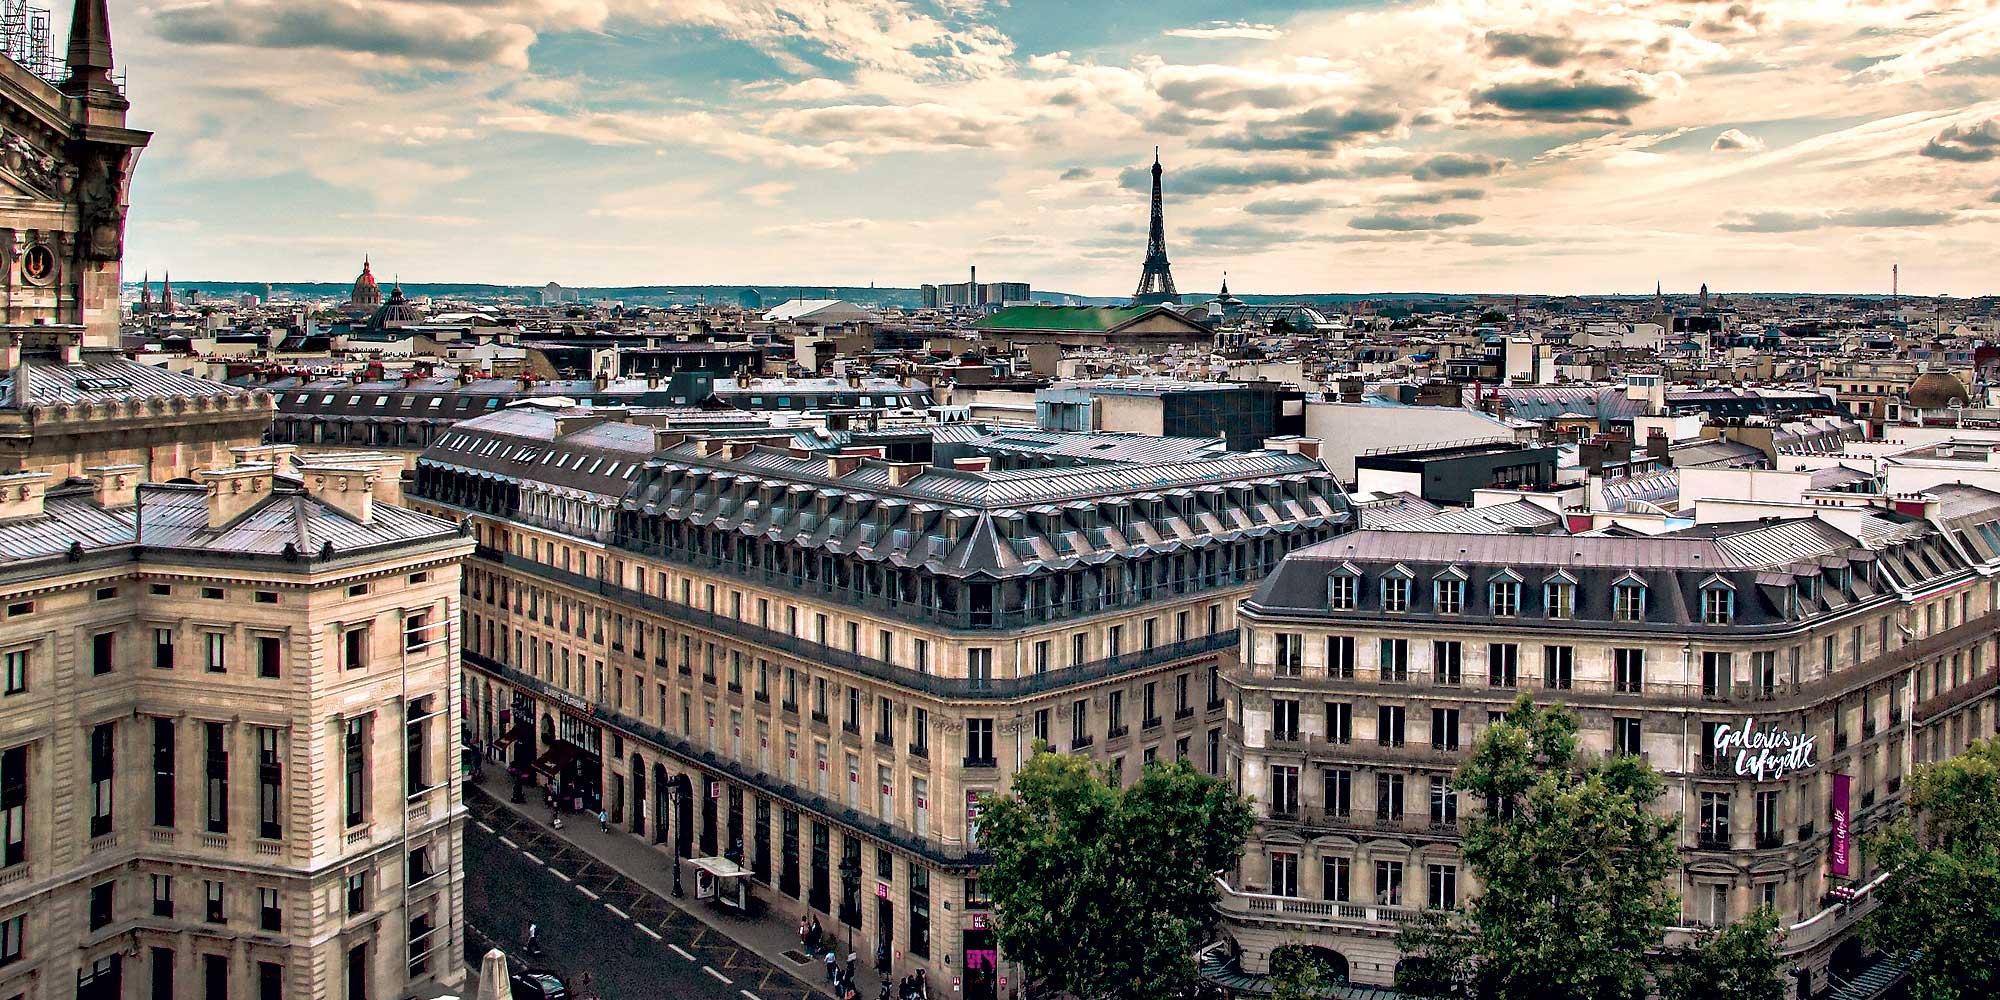 BGID-avocats-associes-Paris-Delacarte-Itzkovitc-Bourgeois-avocats-paris-droit-immobilier